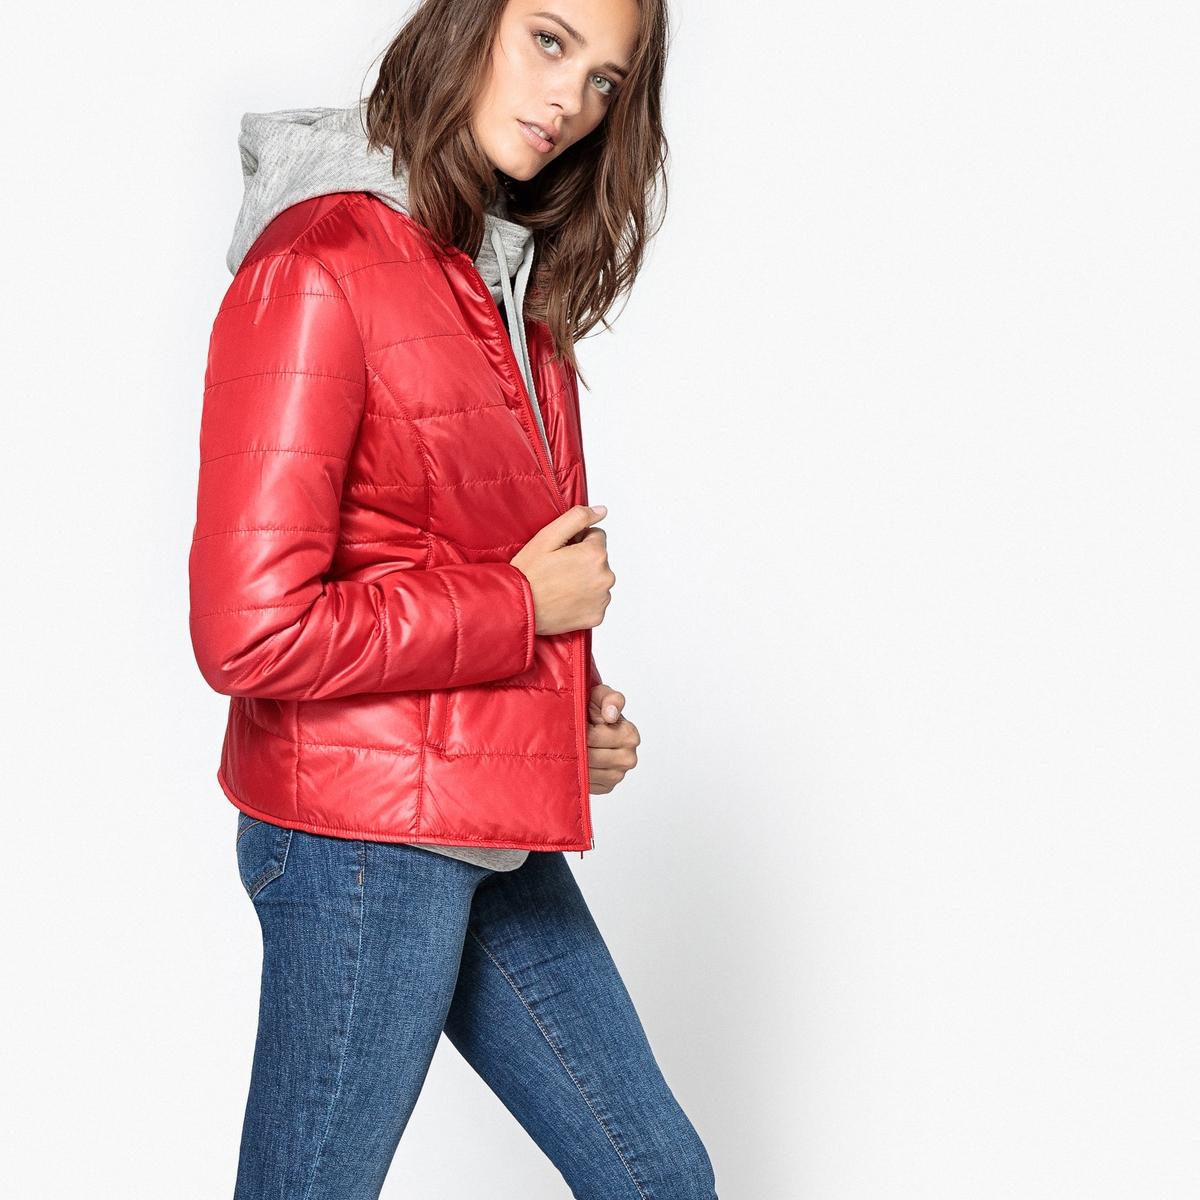 Куртка стеганая тонкаяКуртка стеганая тонкая прямого покроя . Можно носить как куртку или надеть под пальто. Круглый вырез. Застежка на молнию по всей длине. Косые карманы в отрезных деталях . Детали •  Длина : укороченная •  Без воротника •  Застежка на молниюСостав и уход •  100% полиэстер •  Подкладка : 100% полиэстер •  Температура стирки при 30° на деликатном режиме  •  Сухая чистка и отбеливатели запрещены •  Не использовать барабанную сушку  •  Не гладить •  Длина : 62 см<br><br>Цвет: красный,темно-синий,темно-фиолетовый,черный<br>Размер: 48 (FR) - 54 (RUS).52 (FR) - 58 (RUS).40 (FR) - 46 (RUS).50 (FR) - 56 (RUS).46 (FR) - 52 (RUS).44 (FR) - 50 (RUS).42 (FR) - 48 (RUS).40 (FR) - 46 (RUS).38 (FR) - 44 (RUS).36 (FR) - 42 (RUS).34 (FR) - 40 (RUS).50 (FR) - 56 (RUS).48 (FR) - 54 (RUS).46 (FR) - 52 (RUS).44 (FR) - 50 (RUS).40 (FR) - 46 (RUS).38 (FR) - 44 (RUS).36 (FR) - 42 (RUS).50 (FR) - 56 (RUS).46 (FR) - 52 (RUS).44 (FR) - 50 (RUS).42 (FR) - 48 (RUS).40 (FR) - 46 (RUS).38 (FR) - 44 (RUS).36 (FR) - 42 (RUS).34 (FR) - 40 (RUS).50 (FR) - 56 (RUS).48 (FR) - 54 (RUS).46 (FR) - 52 (RUS).44 (FR) - 50 (RUS).38 (FR) - 44 (RUS).36 (FR) - 42 (RUS).34 (FR) - 40 (RUS).42 (FR) - 48 (RUS).52 (FR) - 58 (RUS)